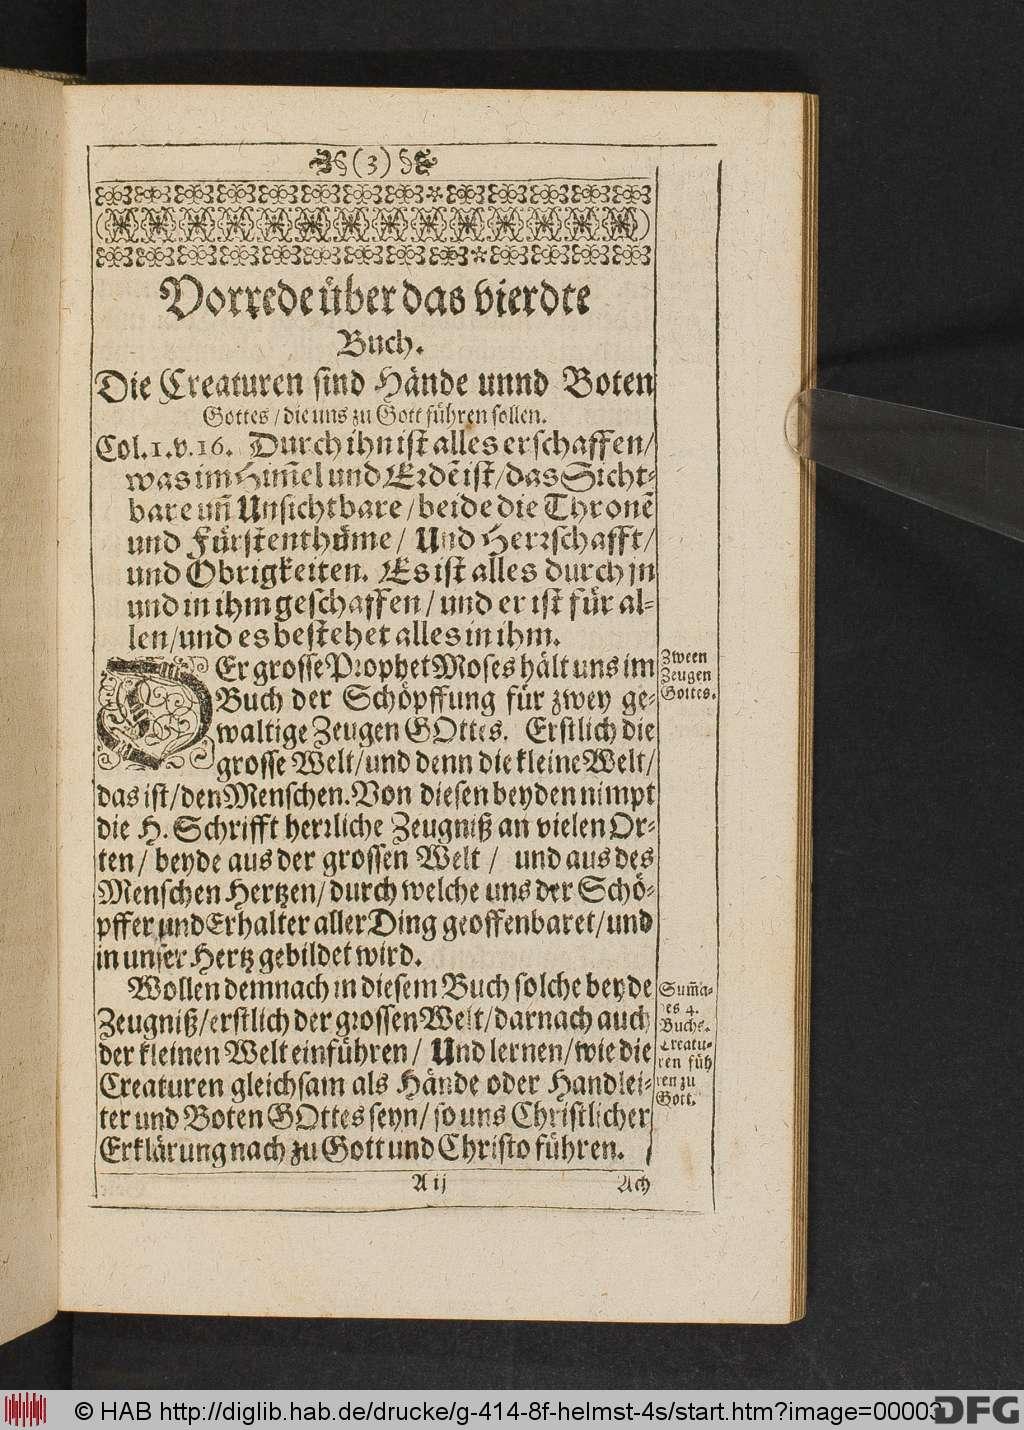 http://diglib.hab.de/drucke/g-414-8f-helmst-4s/00003.jpg